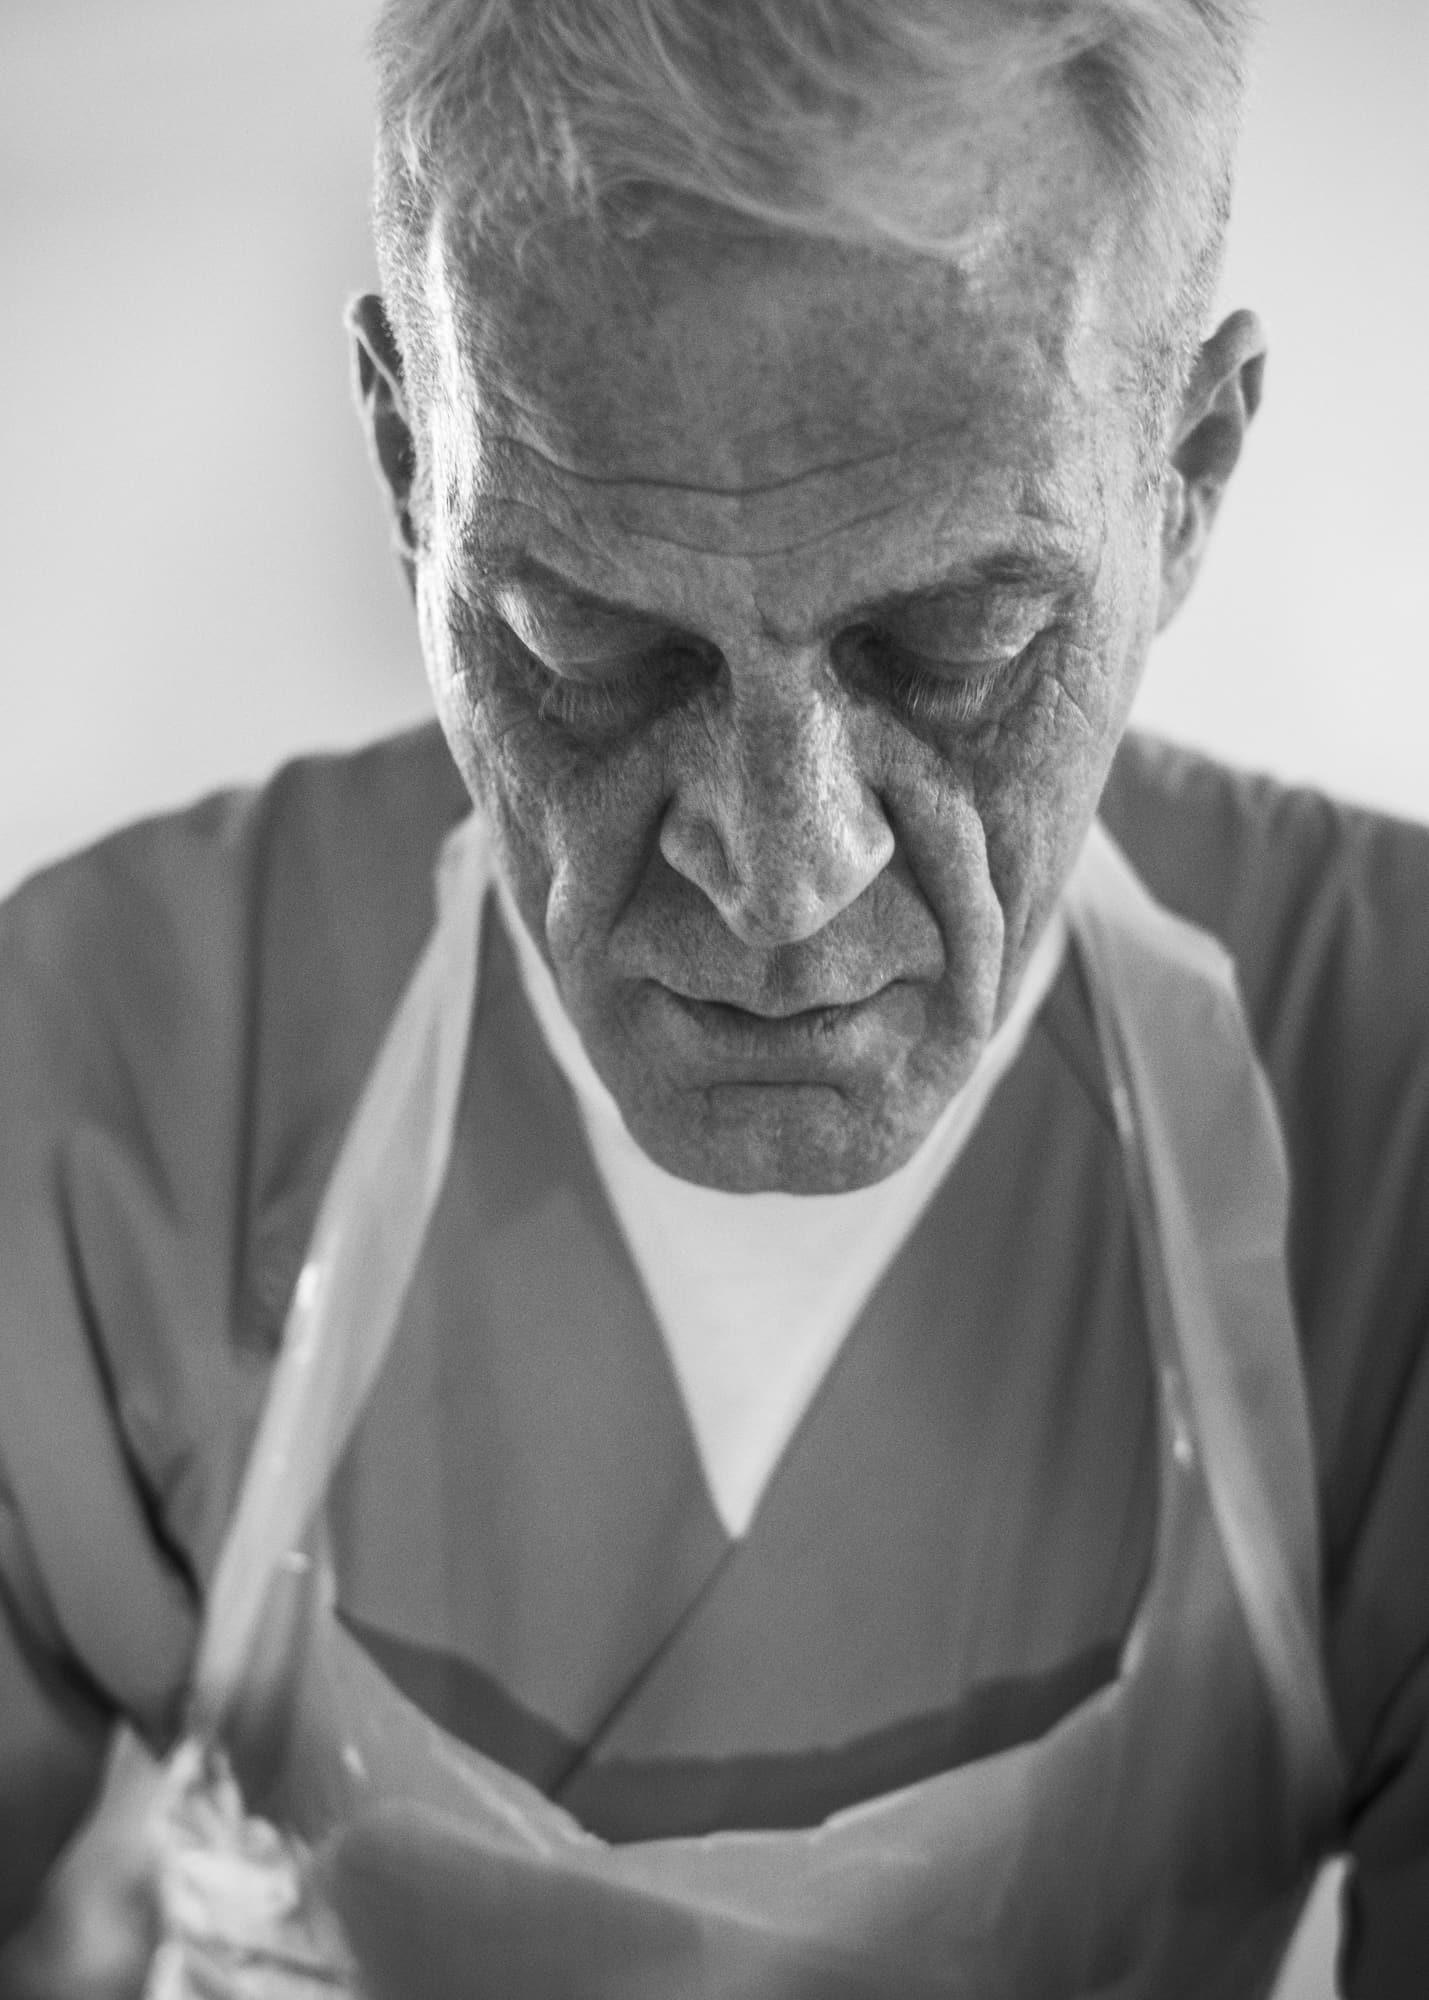 Nicht muede werden — Portrait of a male nurse